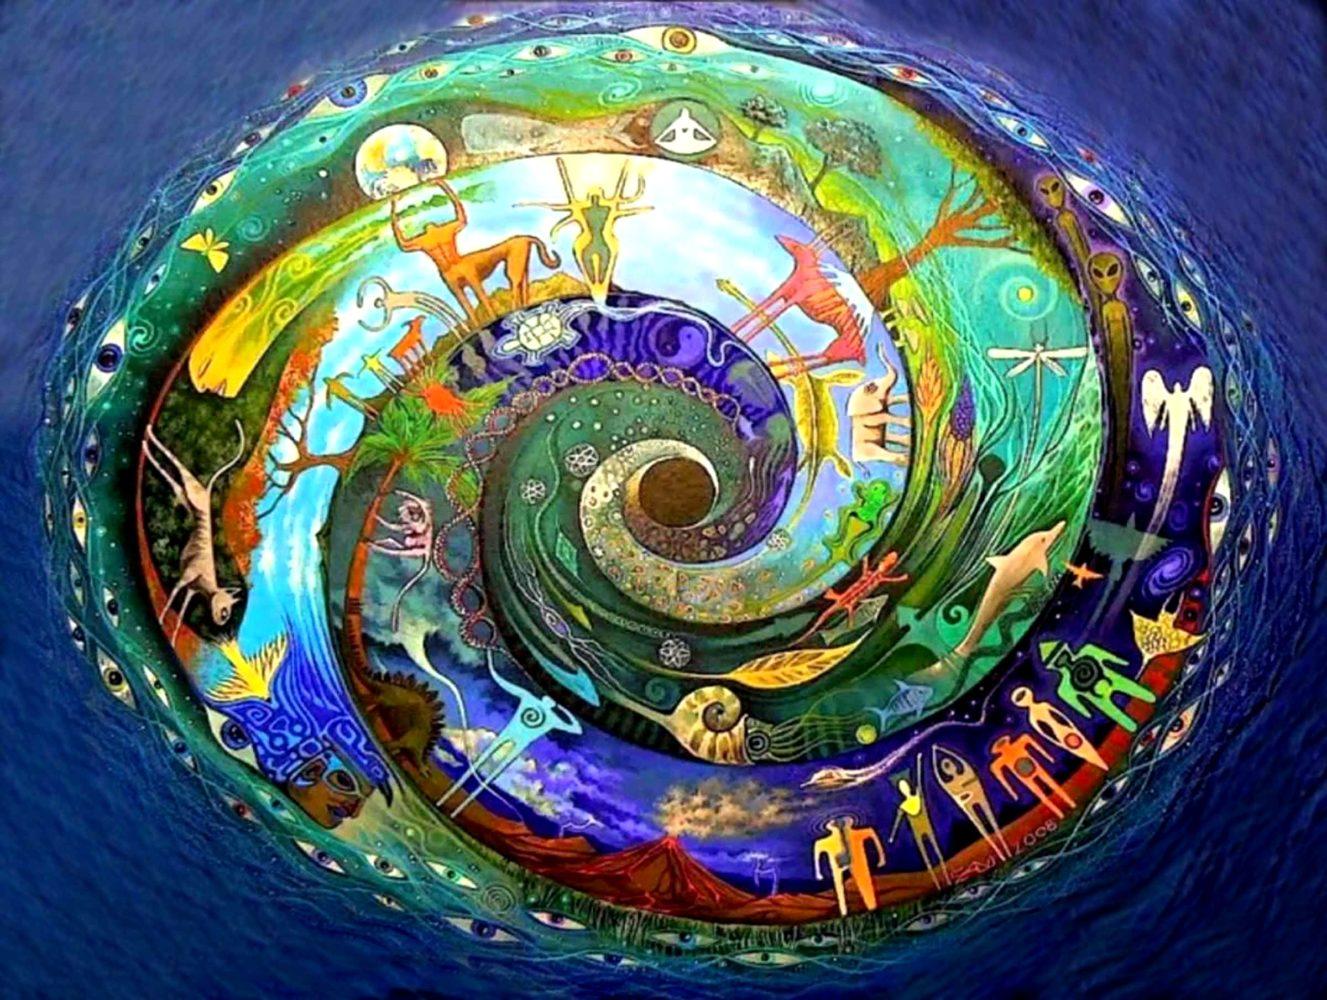 Спираль жизни фотоколлаж